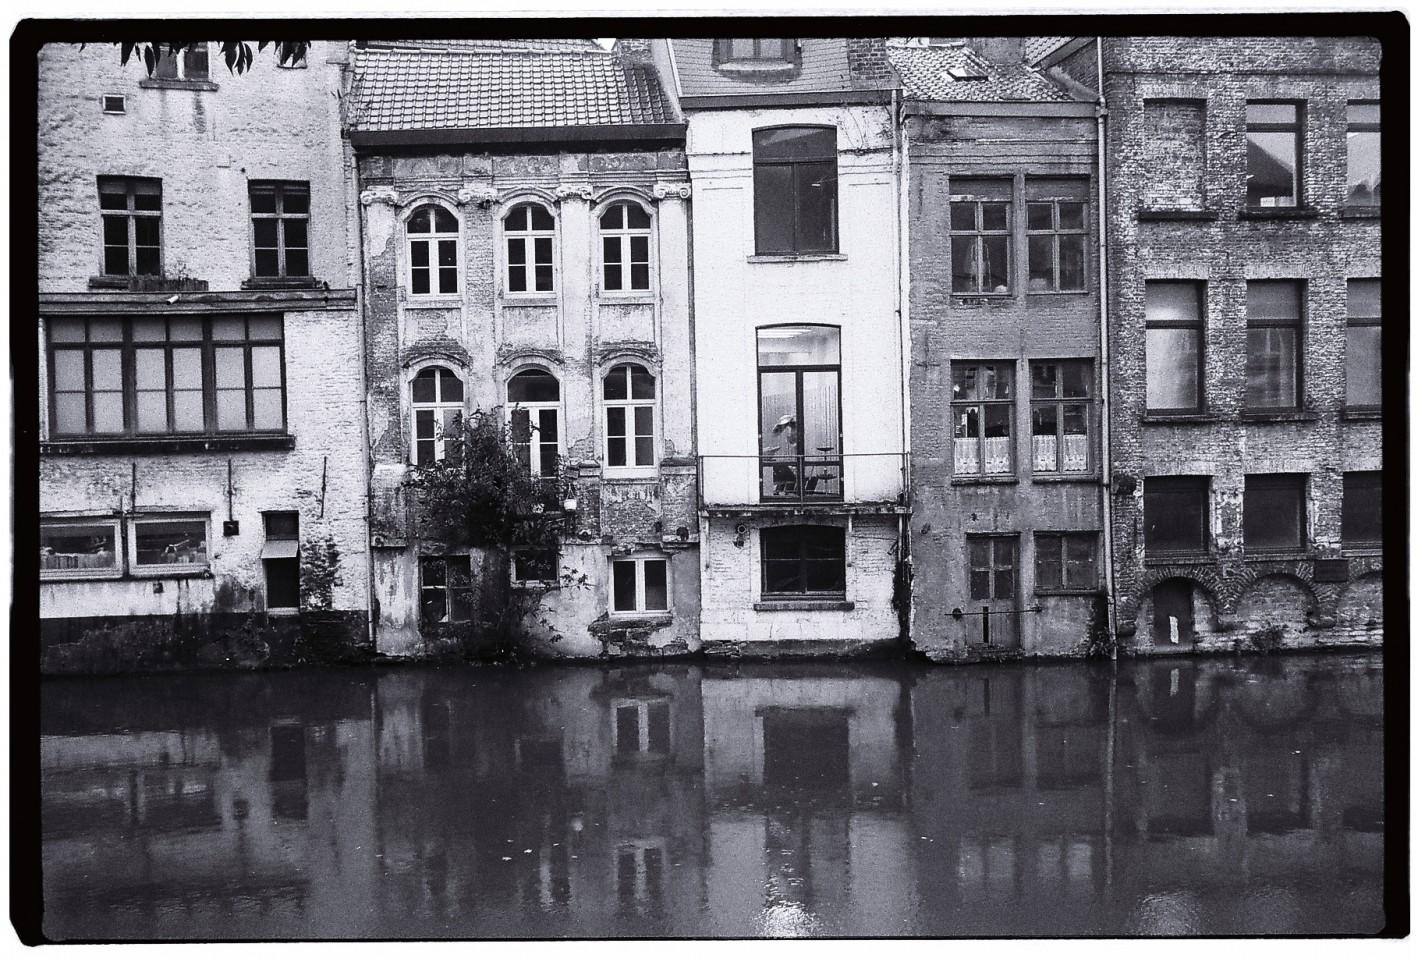 Gand une ville qui semble flotter sur l'eau